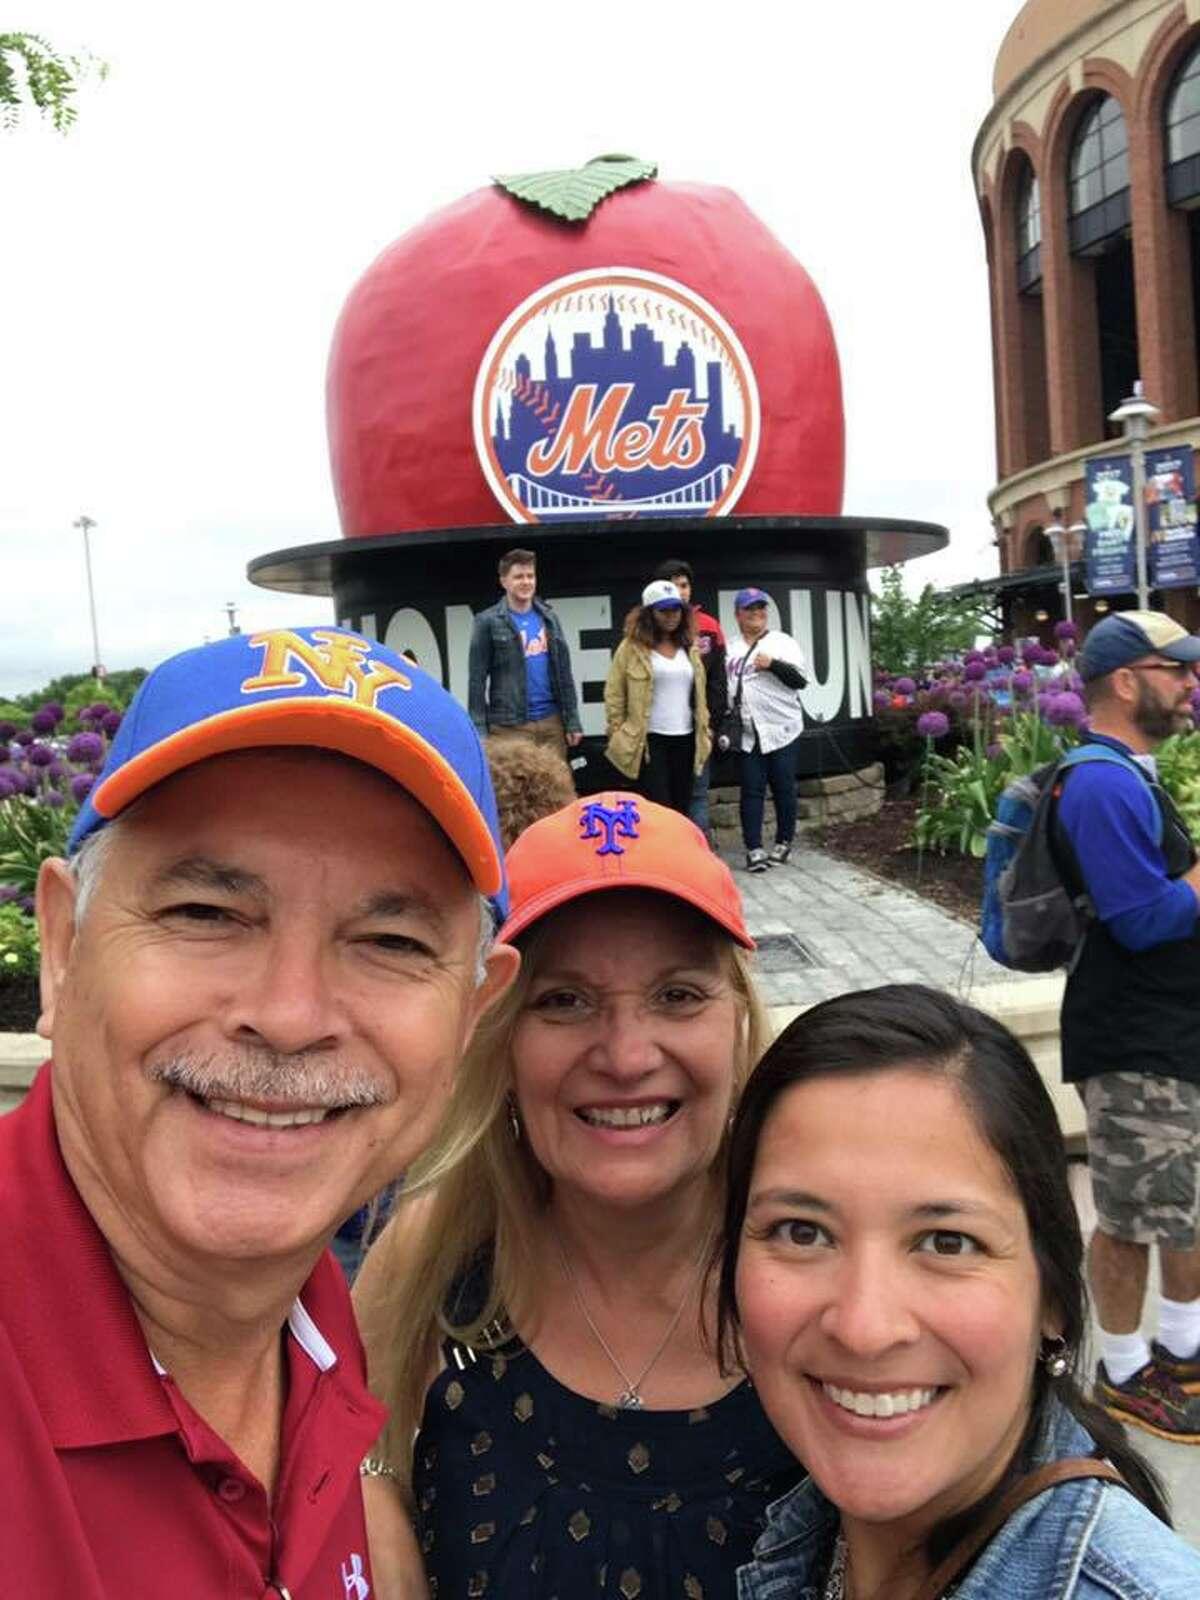 """Rodolfo Garza: """"Memorial Day in Hoboken NJ!! Watching Mets Game!!"""""""